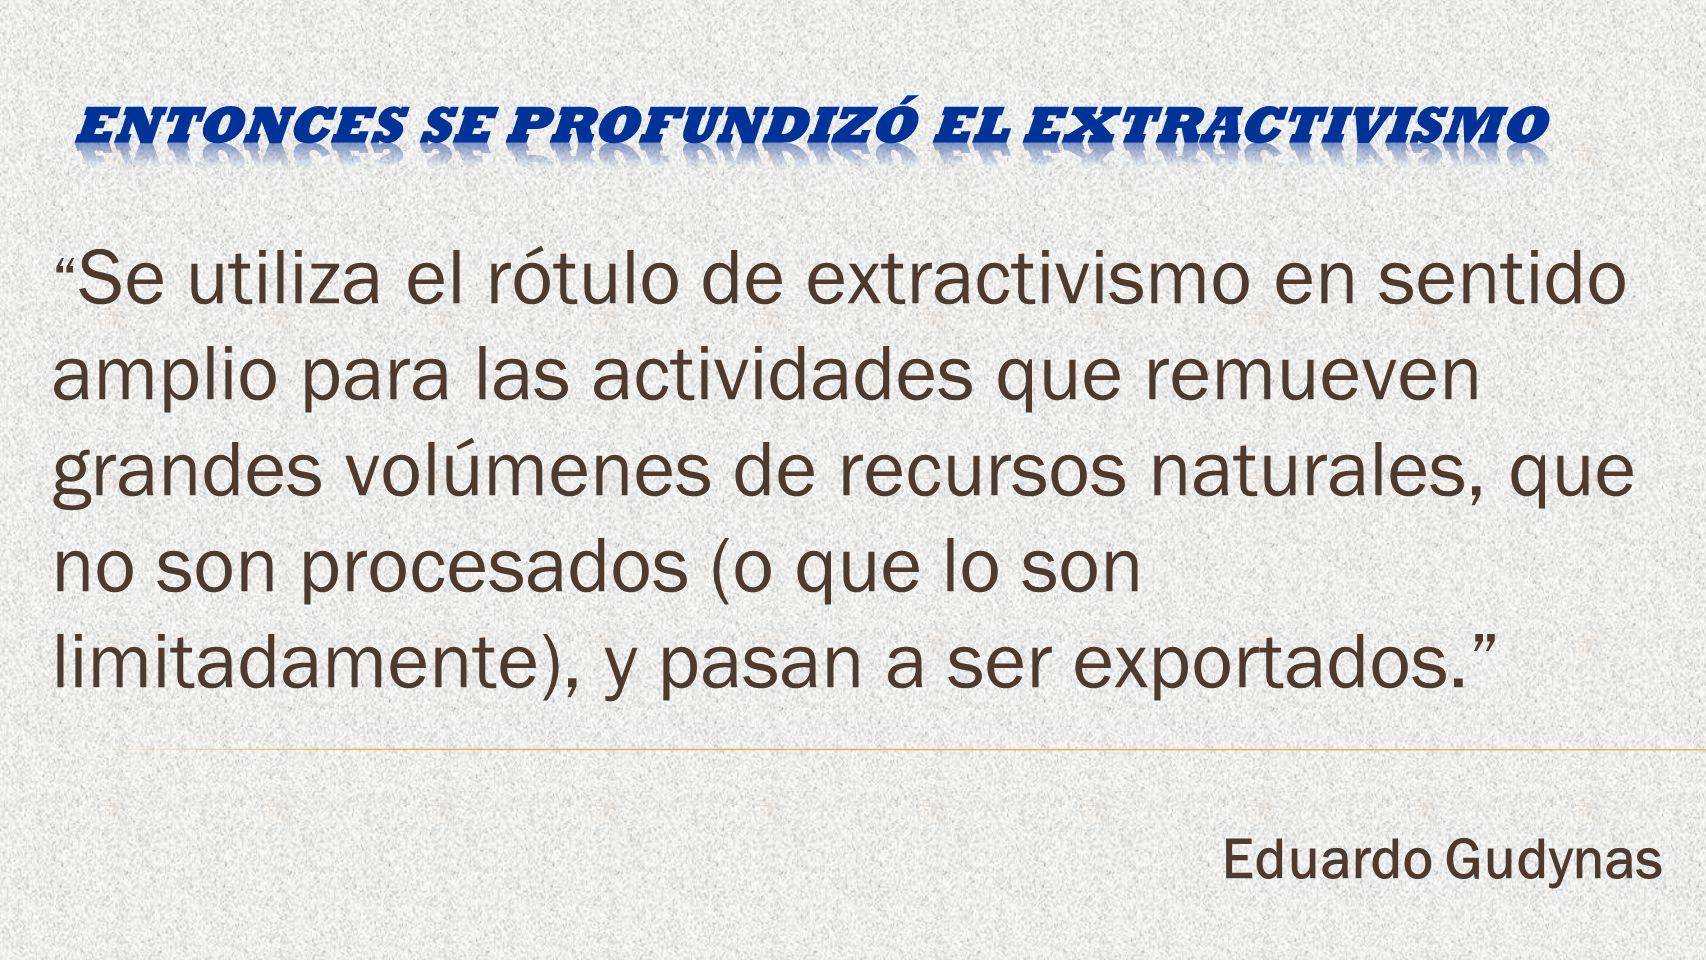 País cacaotero País bananero País cafetalero País floricultor País petrolero País minero 14/02/2014 8